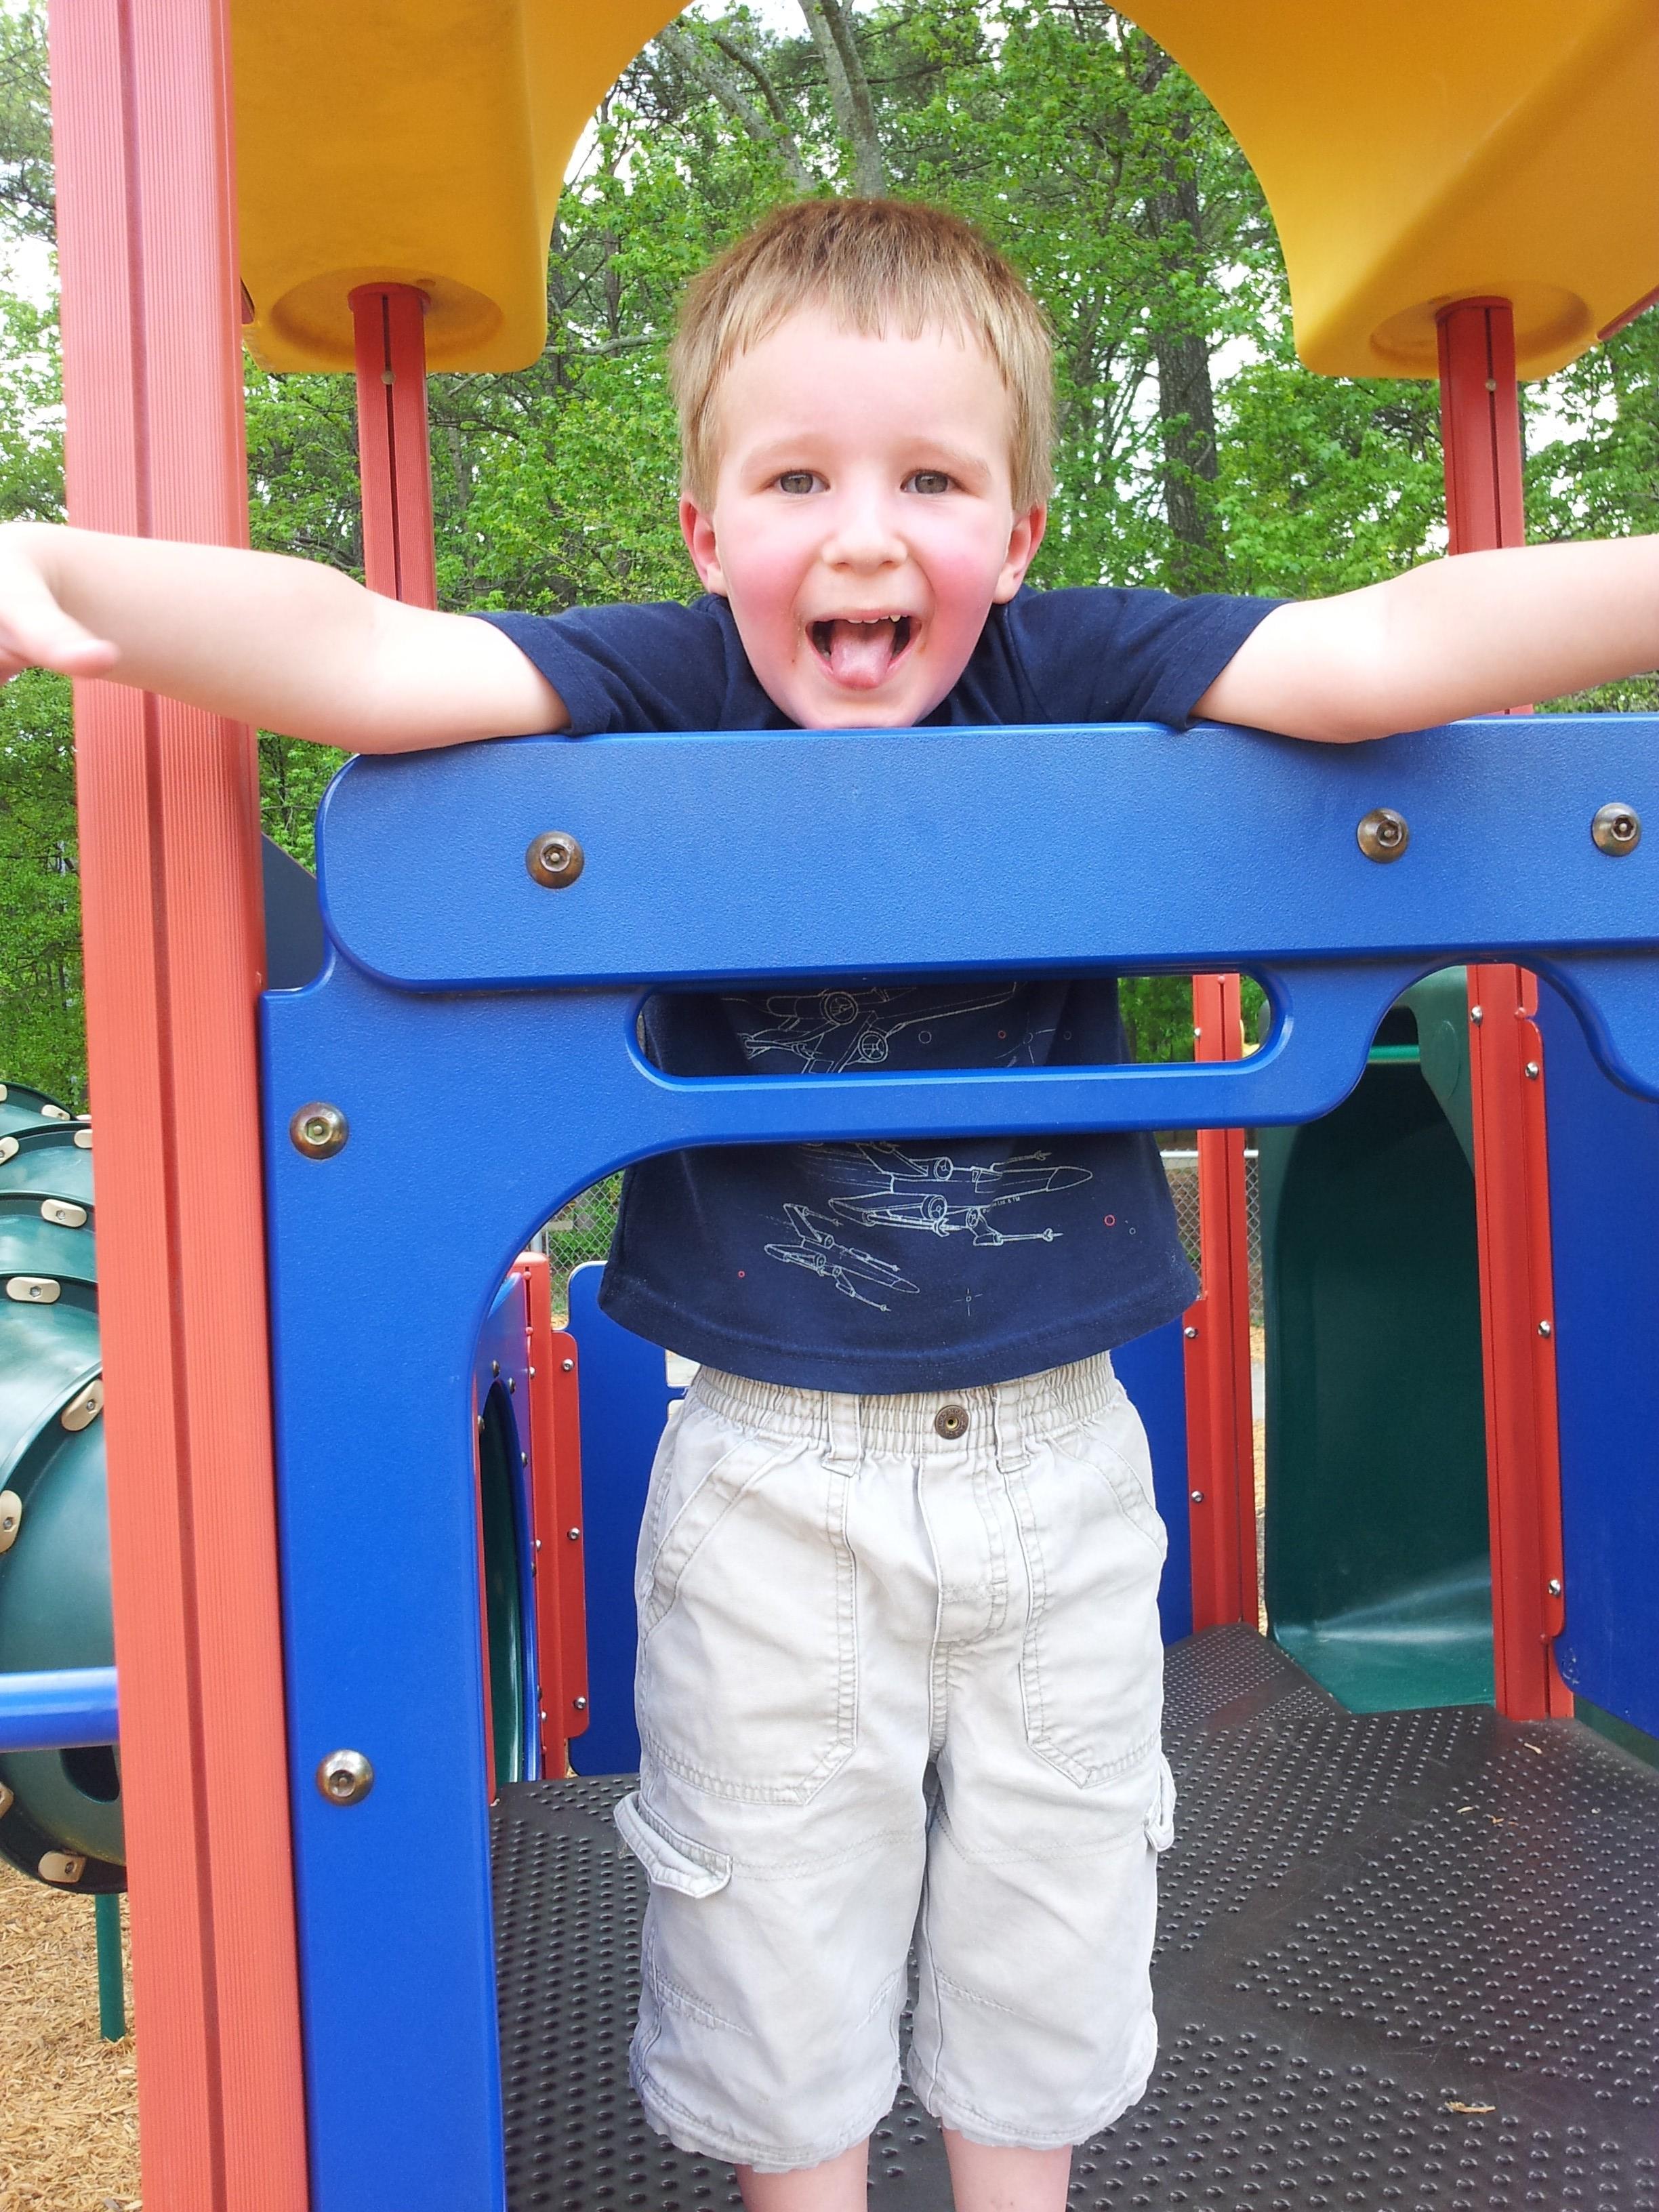 Carlton at the park